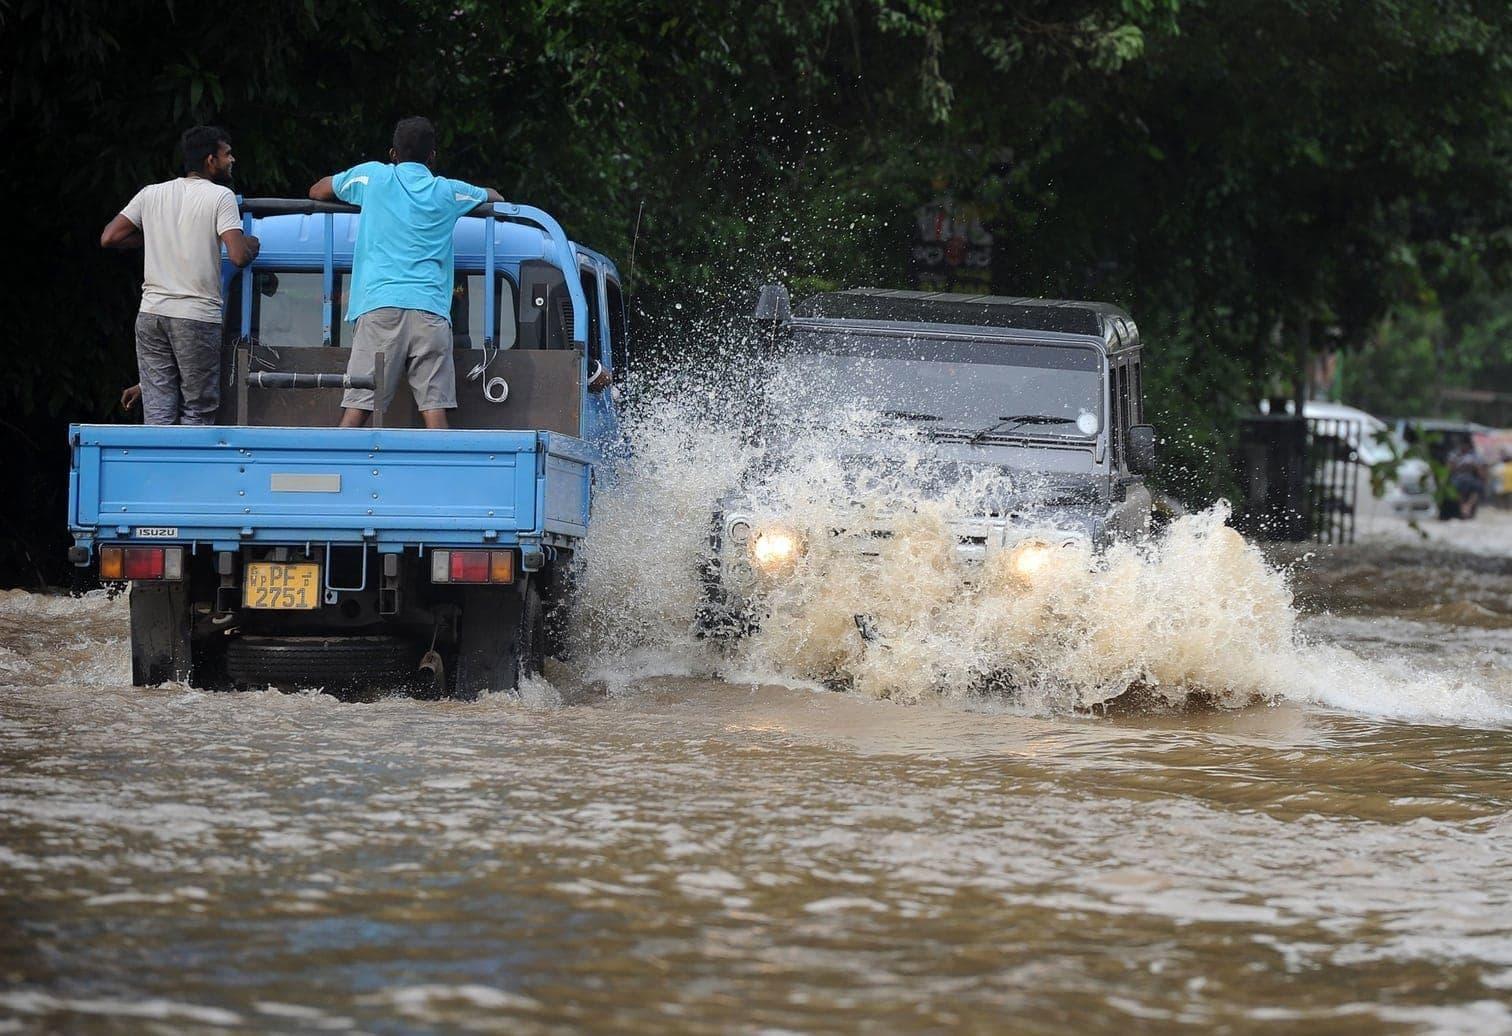 <p>Jedes Jahr im Mai tobt das Wetter auf Sri Lanka. Durch einen Monsum kamen nun elf Personen auf dem Inselstaat ums Leben. Mehr als 100.000 Menschen sind betroffen.</p> Foto: AFP